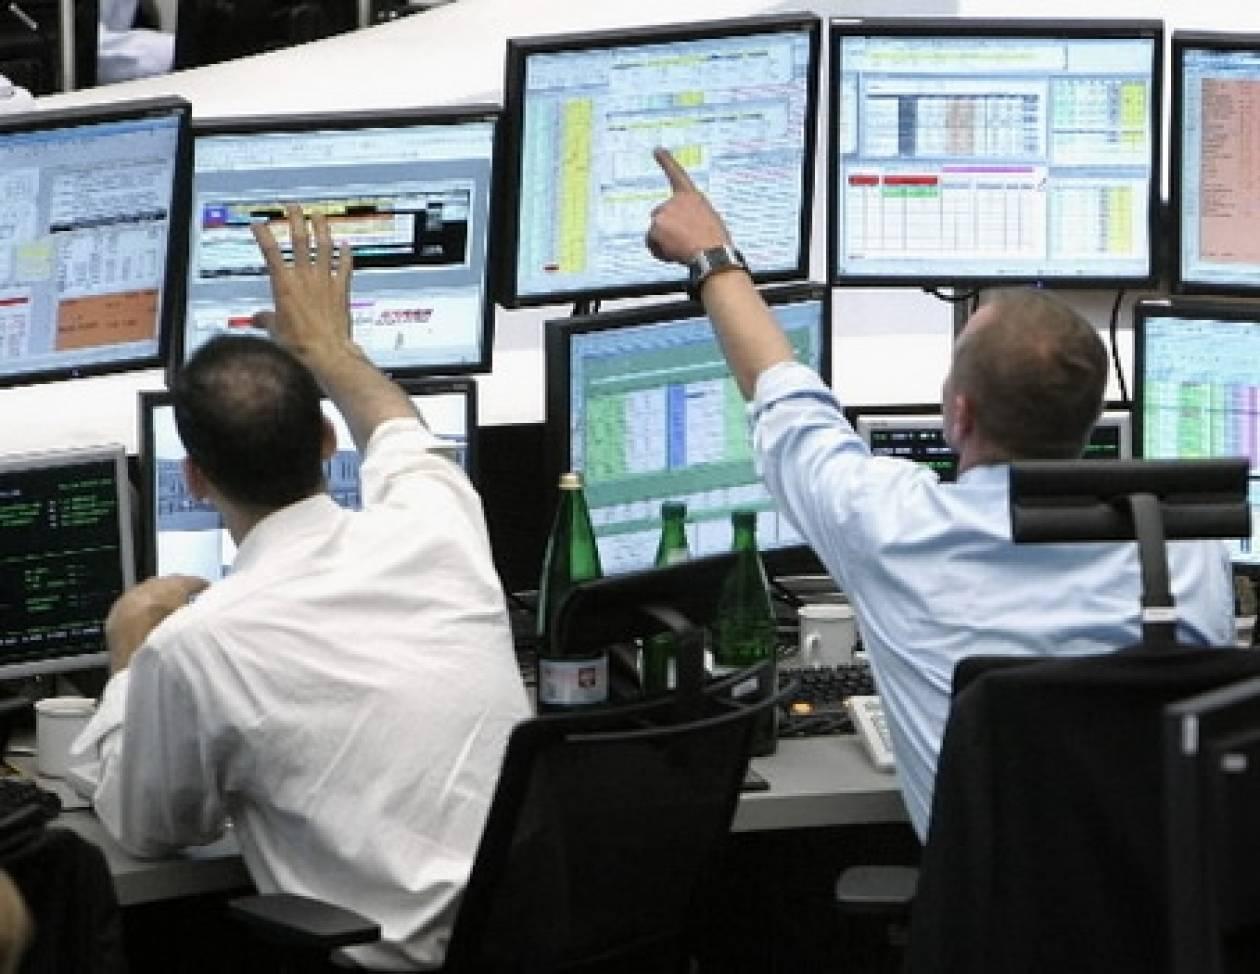 Η παραίτηση Μπερλουσκόνι ενισχύει τις ευρωπαϊκές αγορές